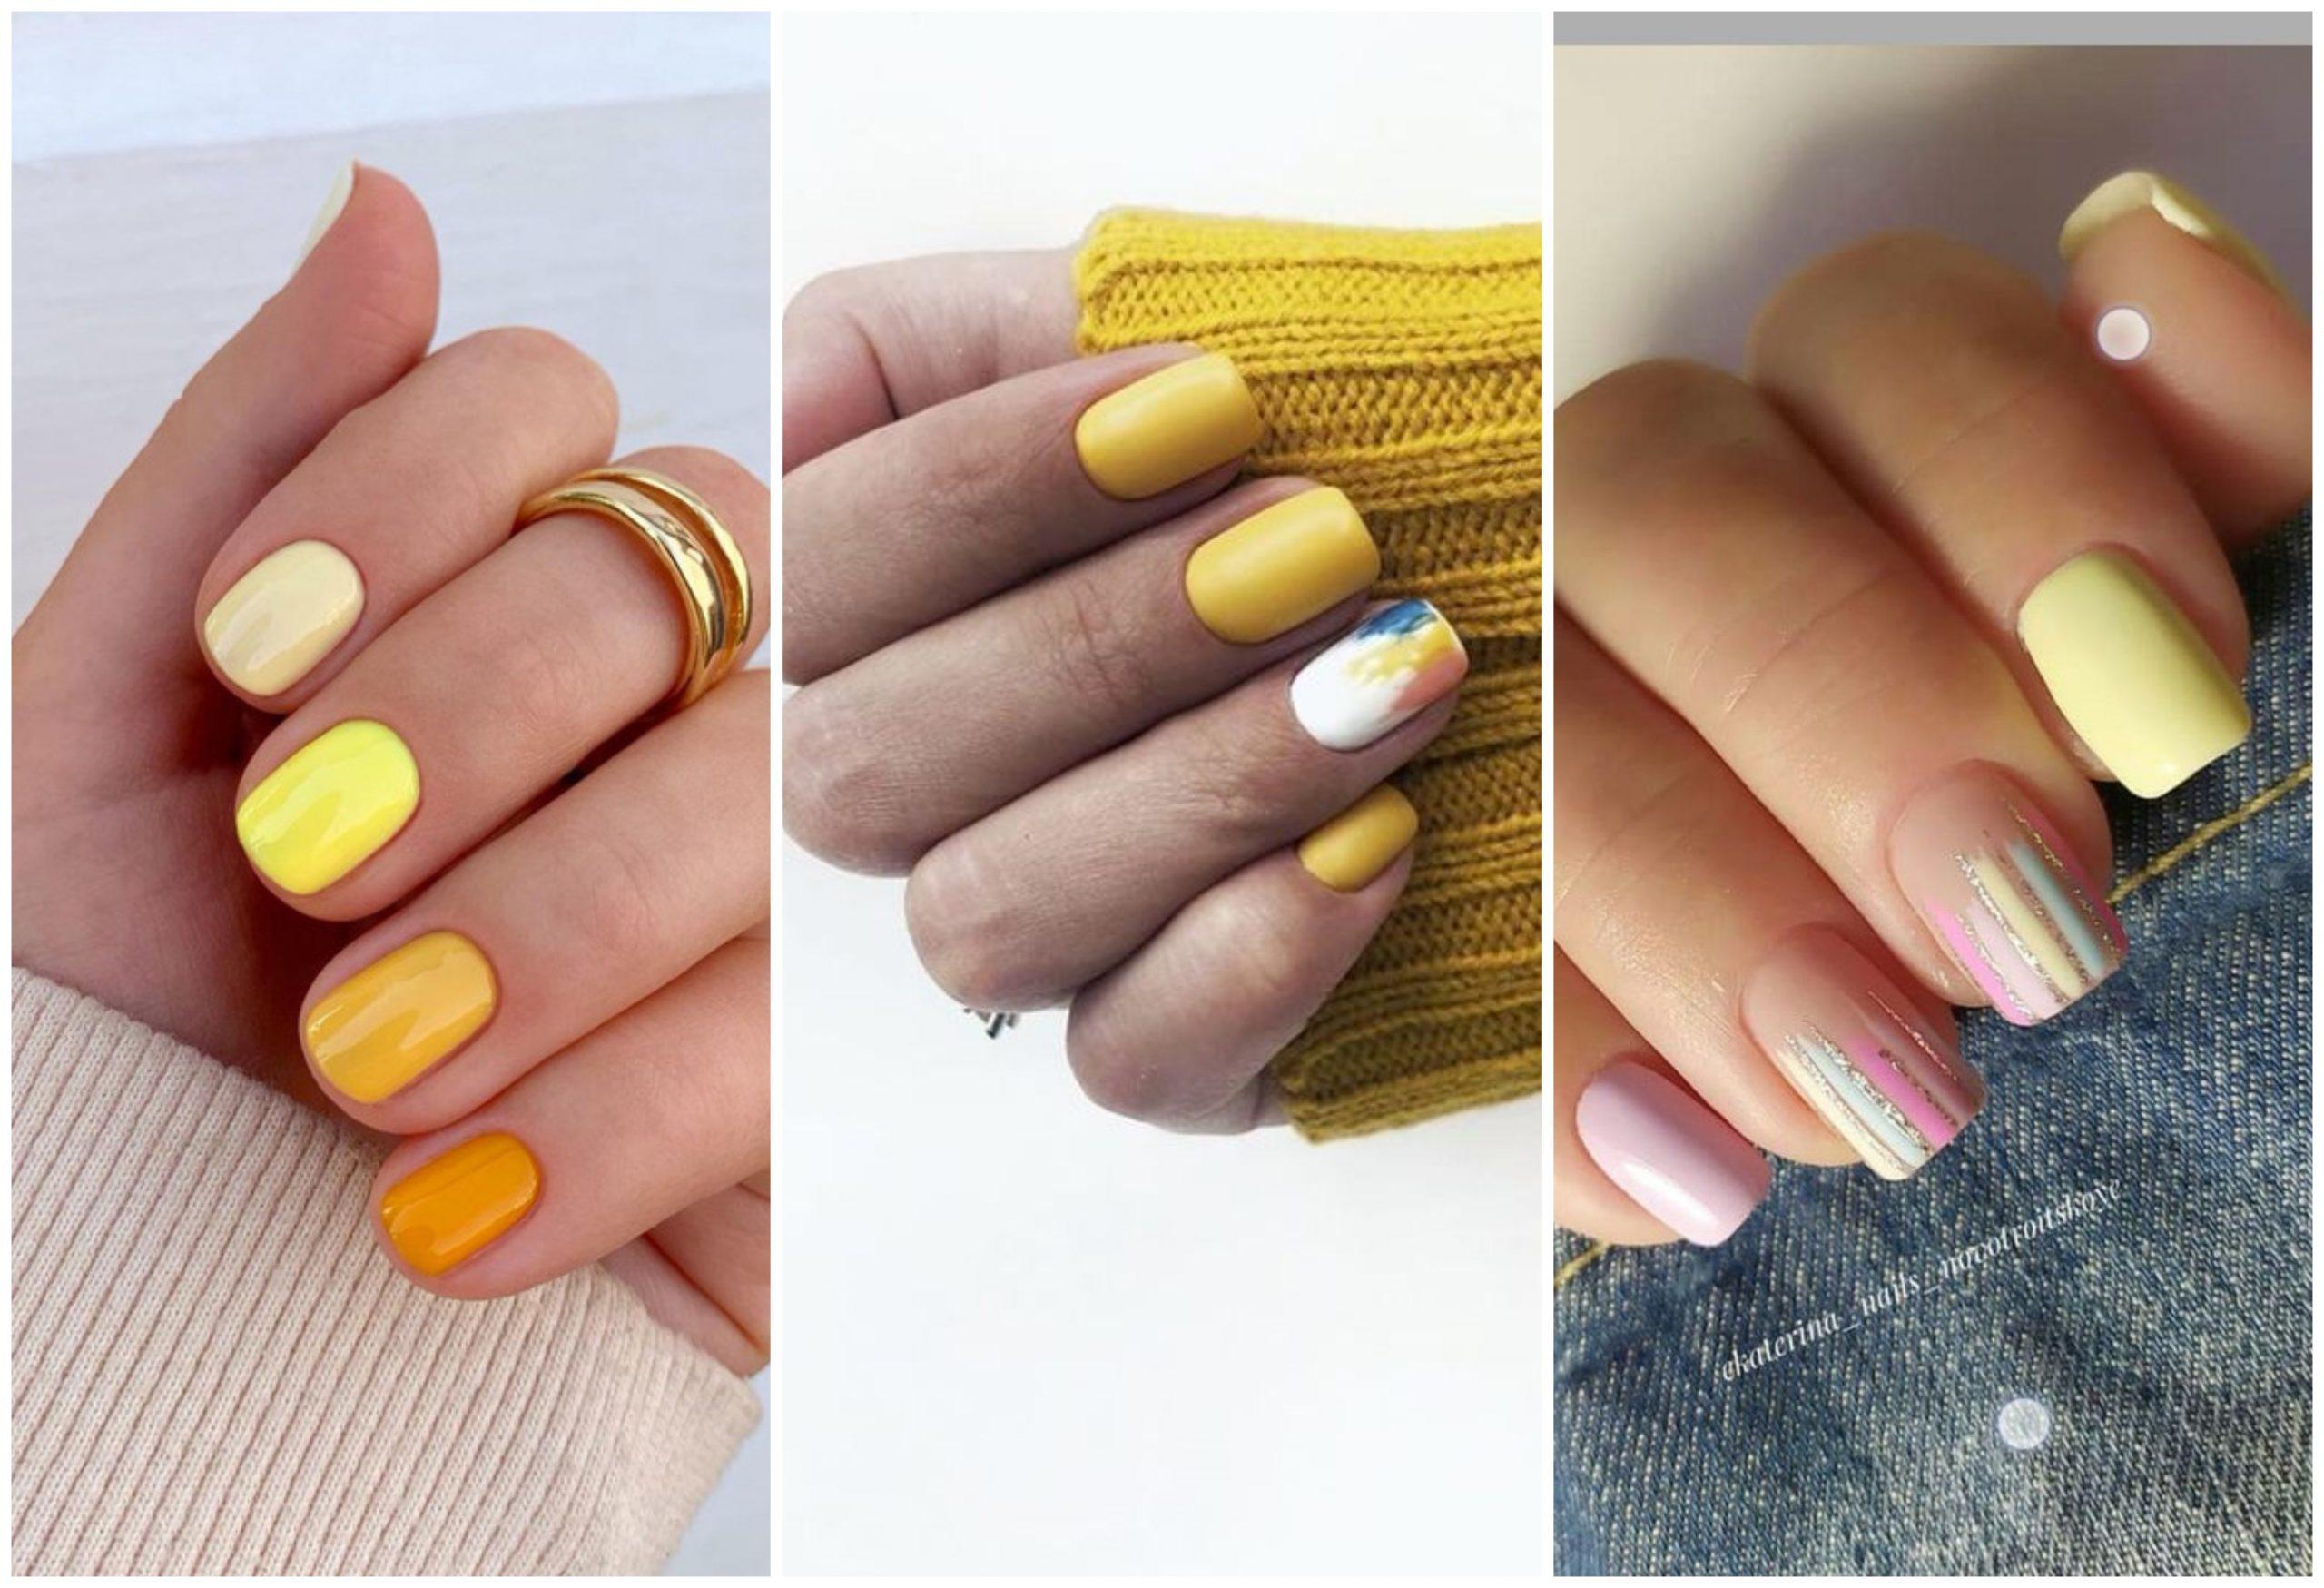 Diseños de uñas en color amarillo pastel